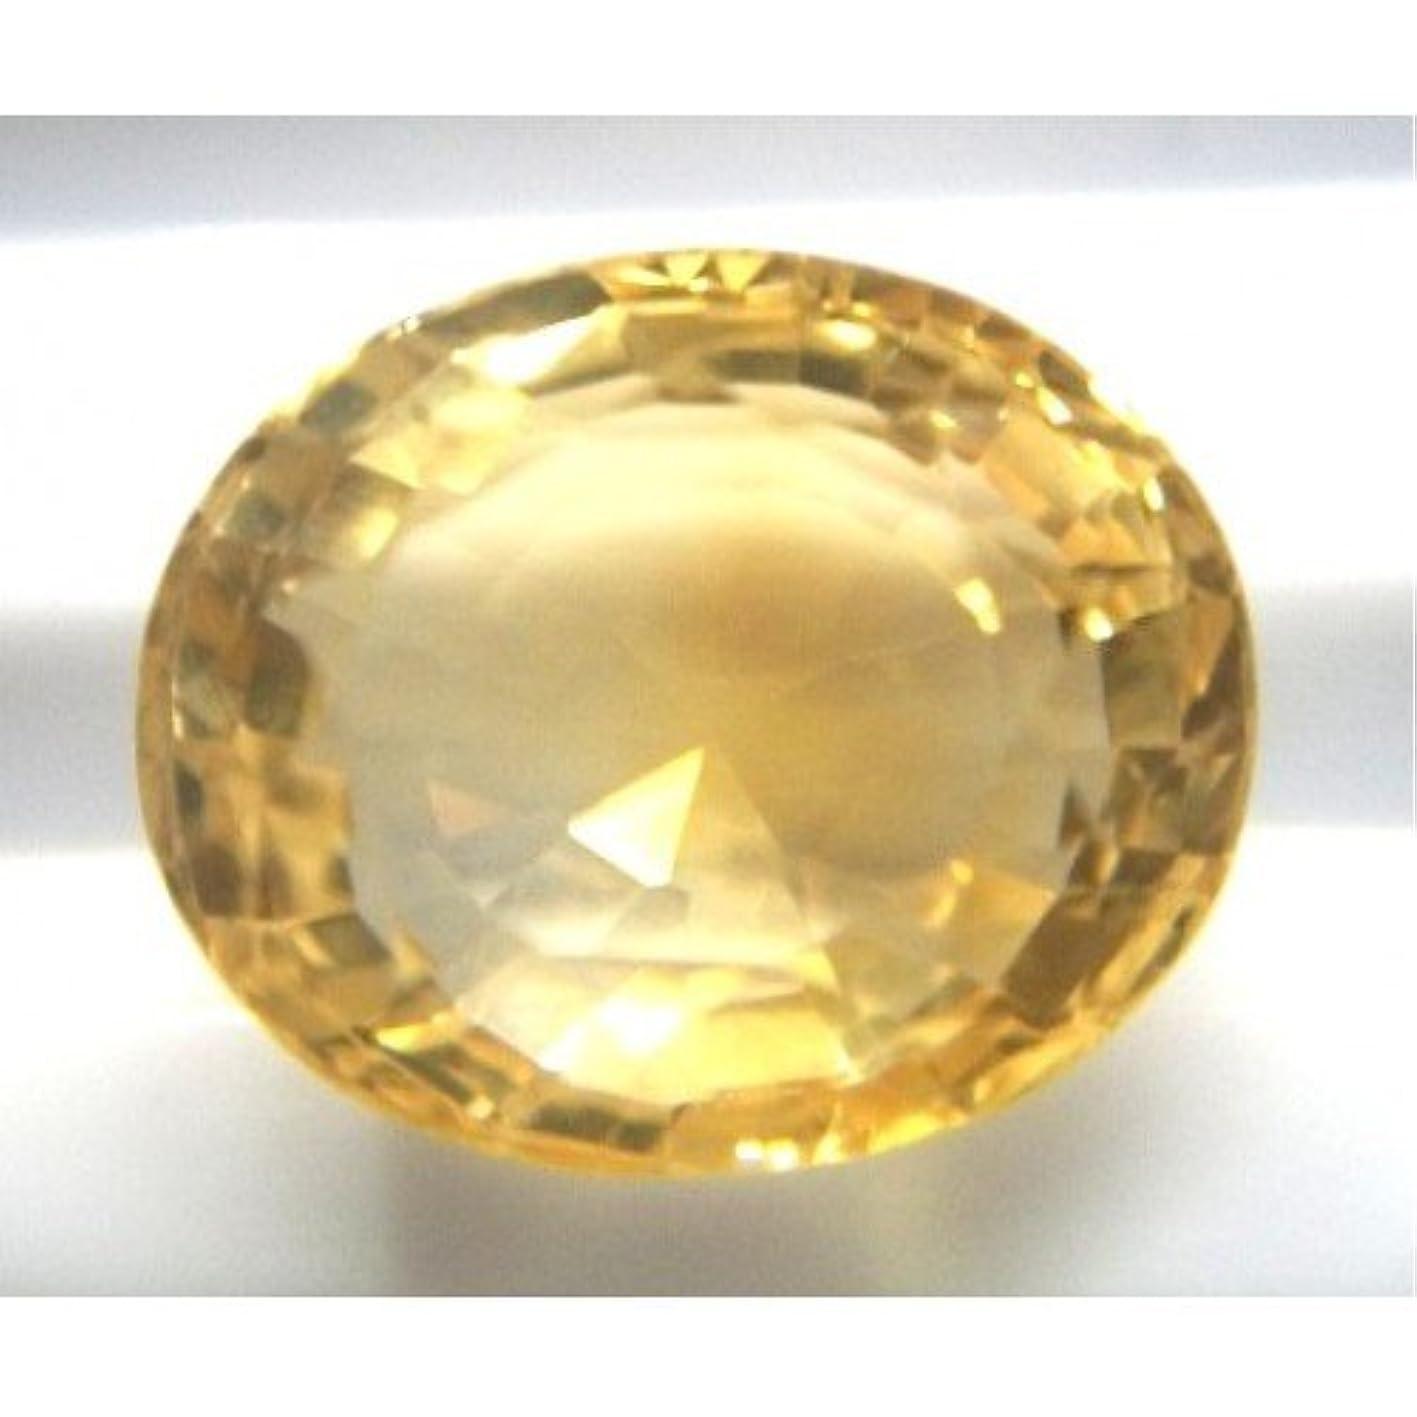 マチュピチュ来て師匠シトリン石元認定天然sunehla宝石4.9カラットby gemselect